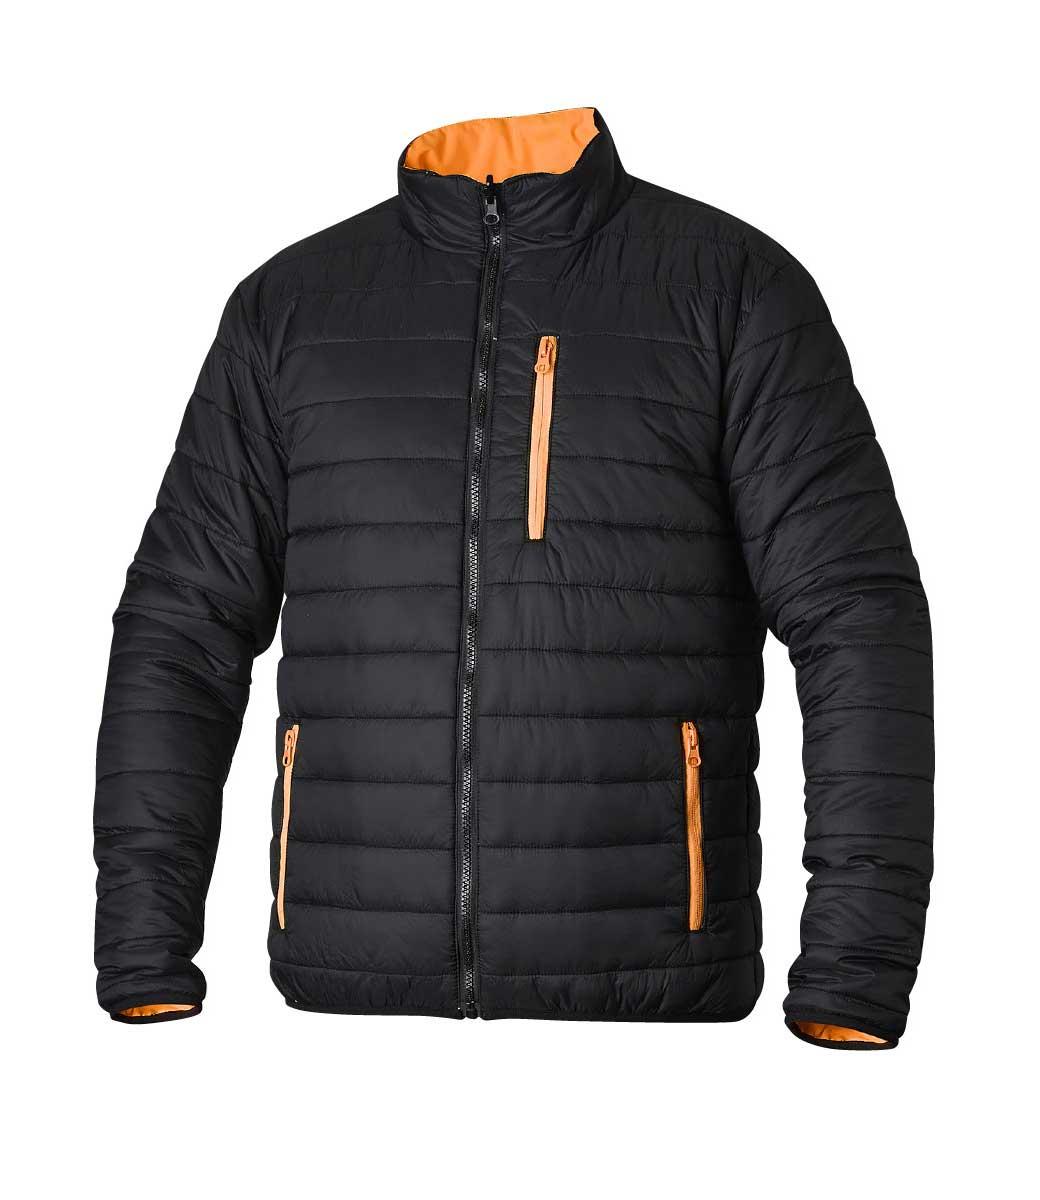 Vendbar jakke i oransje ~ GJØR DEG SYNLIG også for